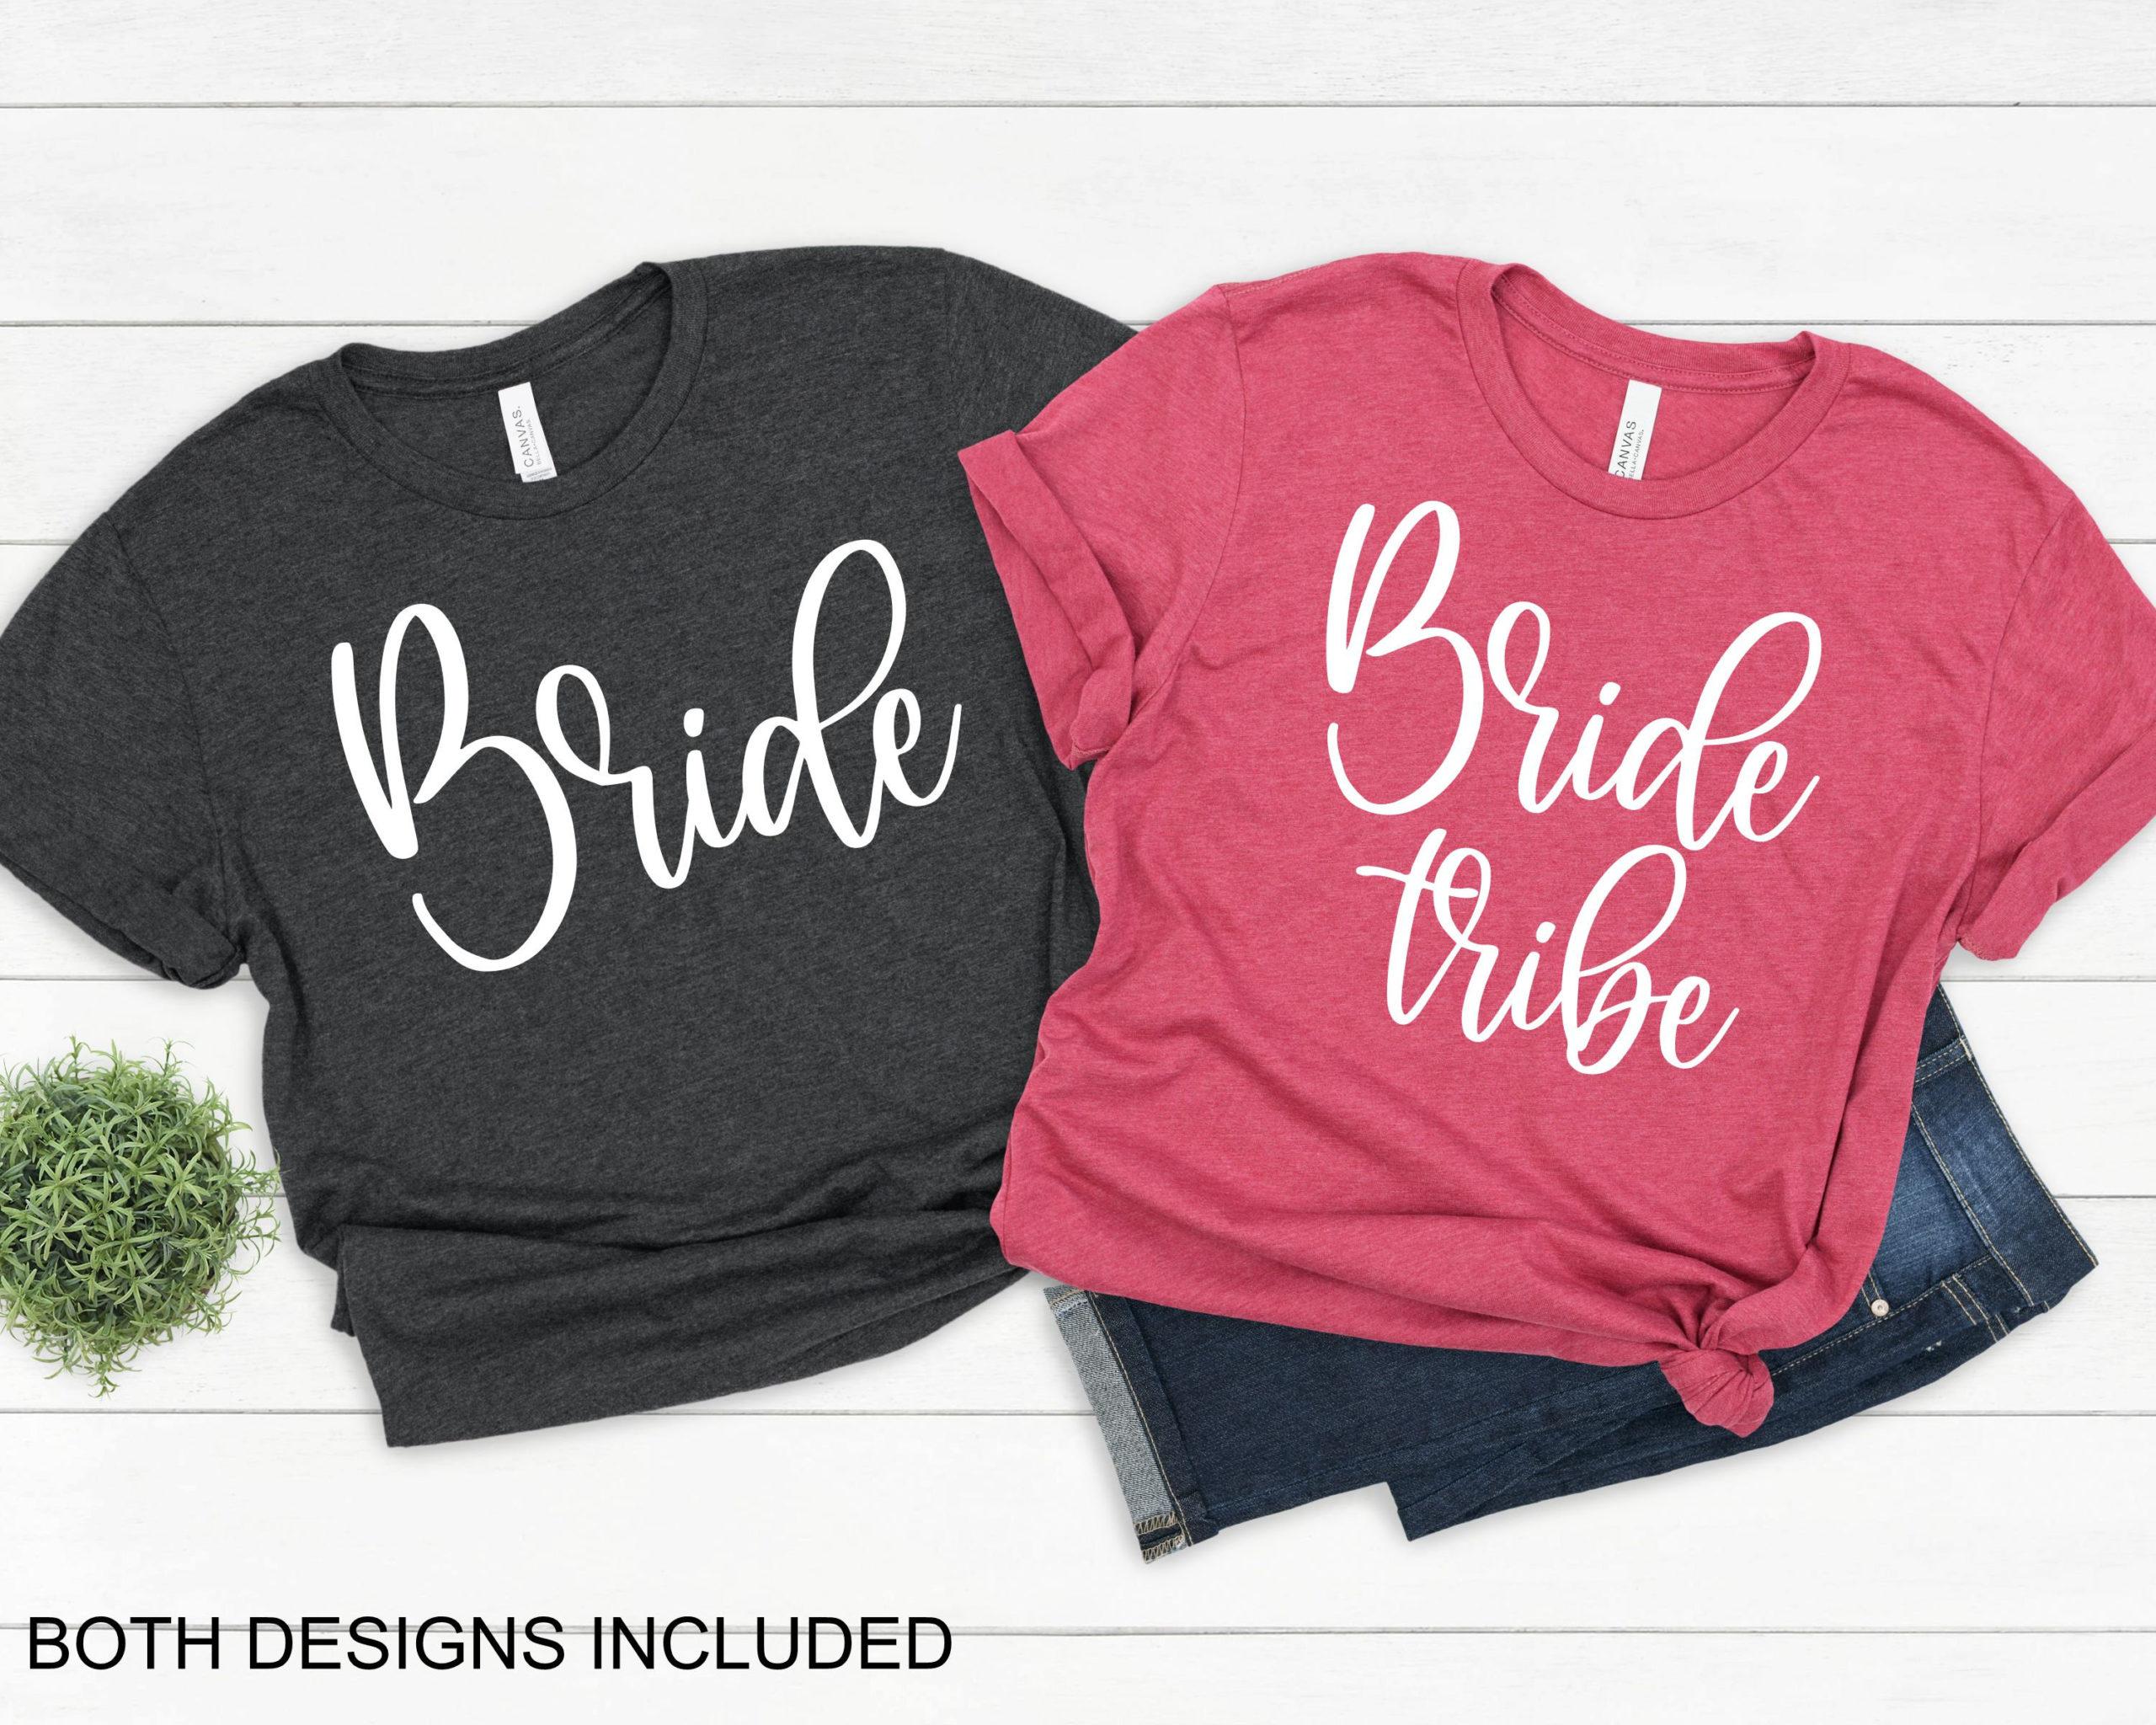 Bride-and-bride-tribe-svg-bride-tribe-svg-bridal-party-svg-wedding-svg-design-bachelorette-svg-design-bridesmaid-cricut-svg-600a1813